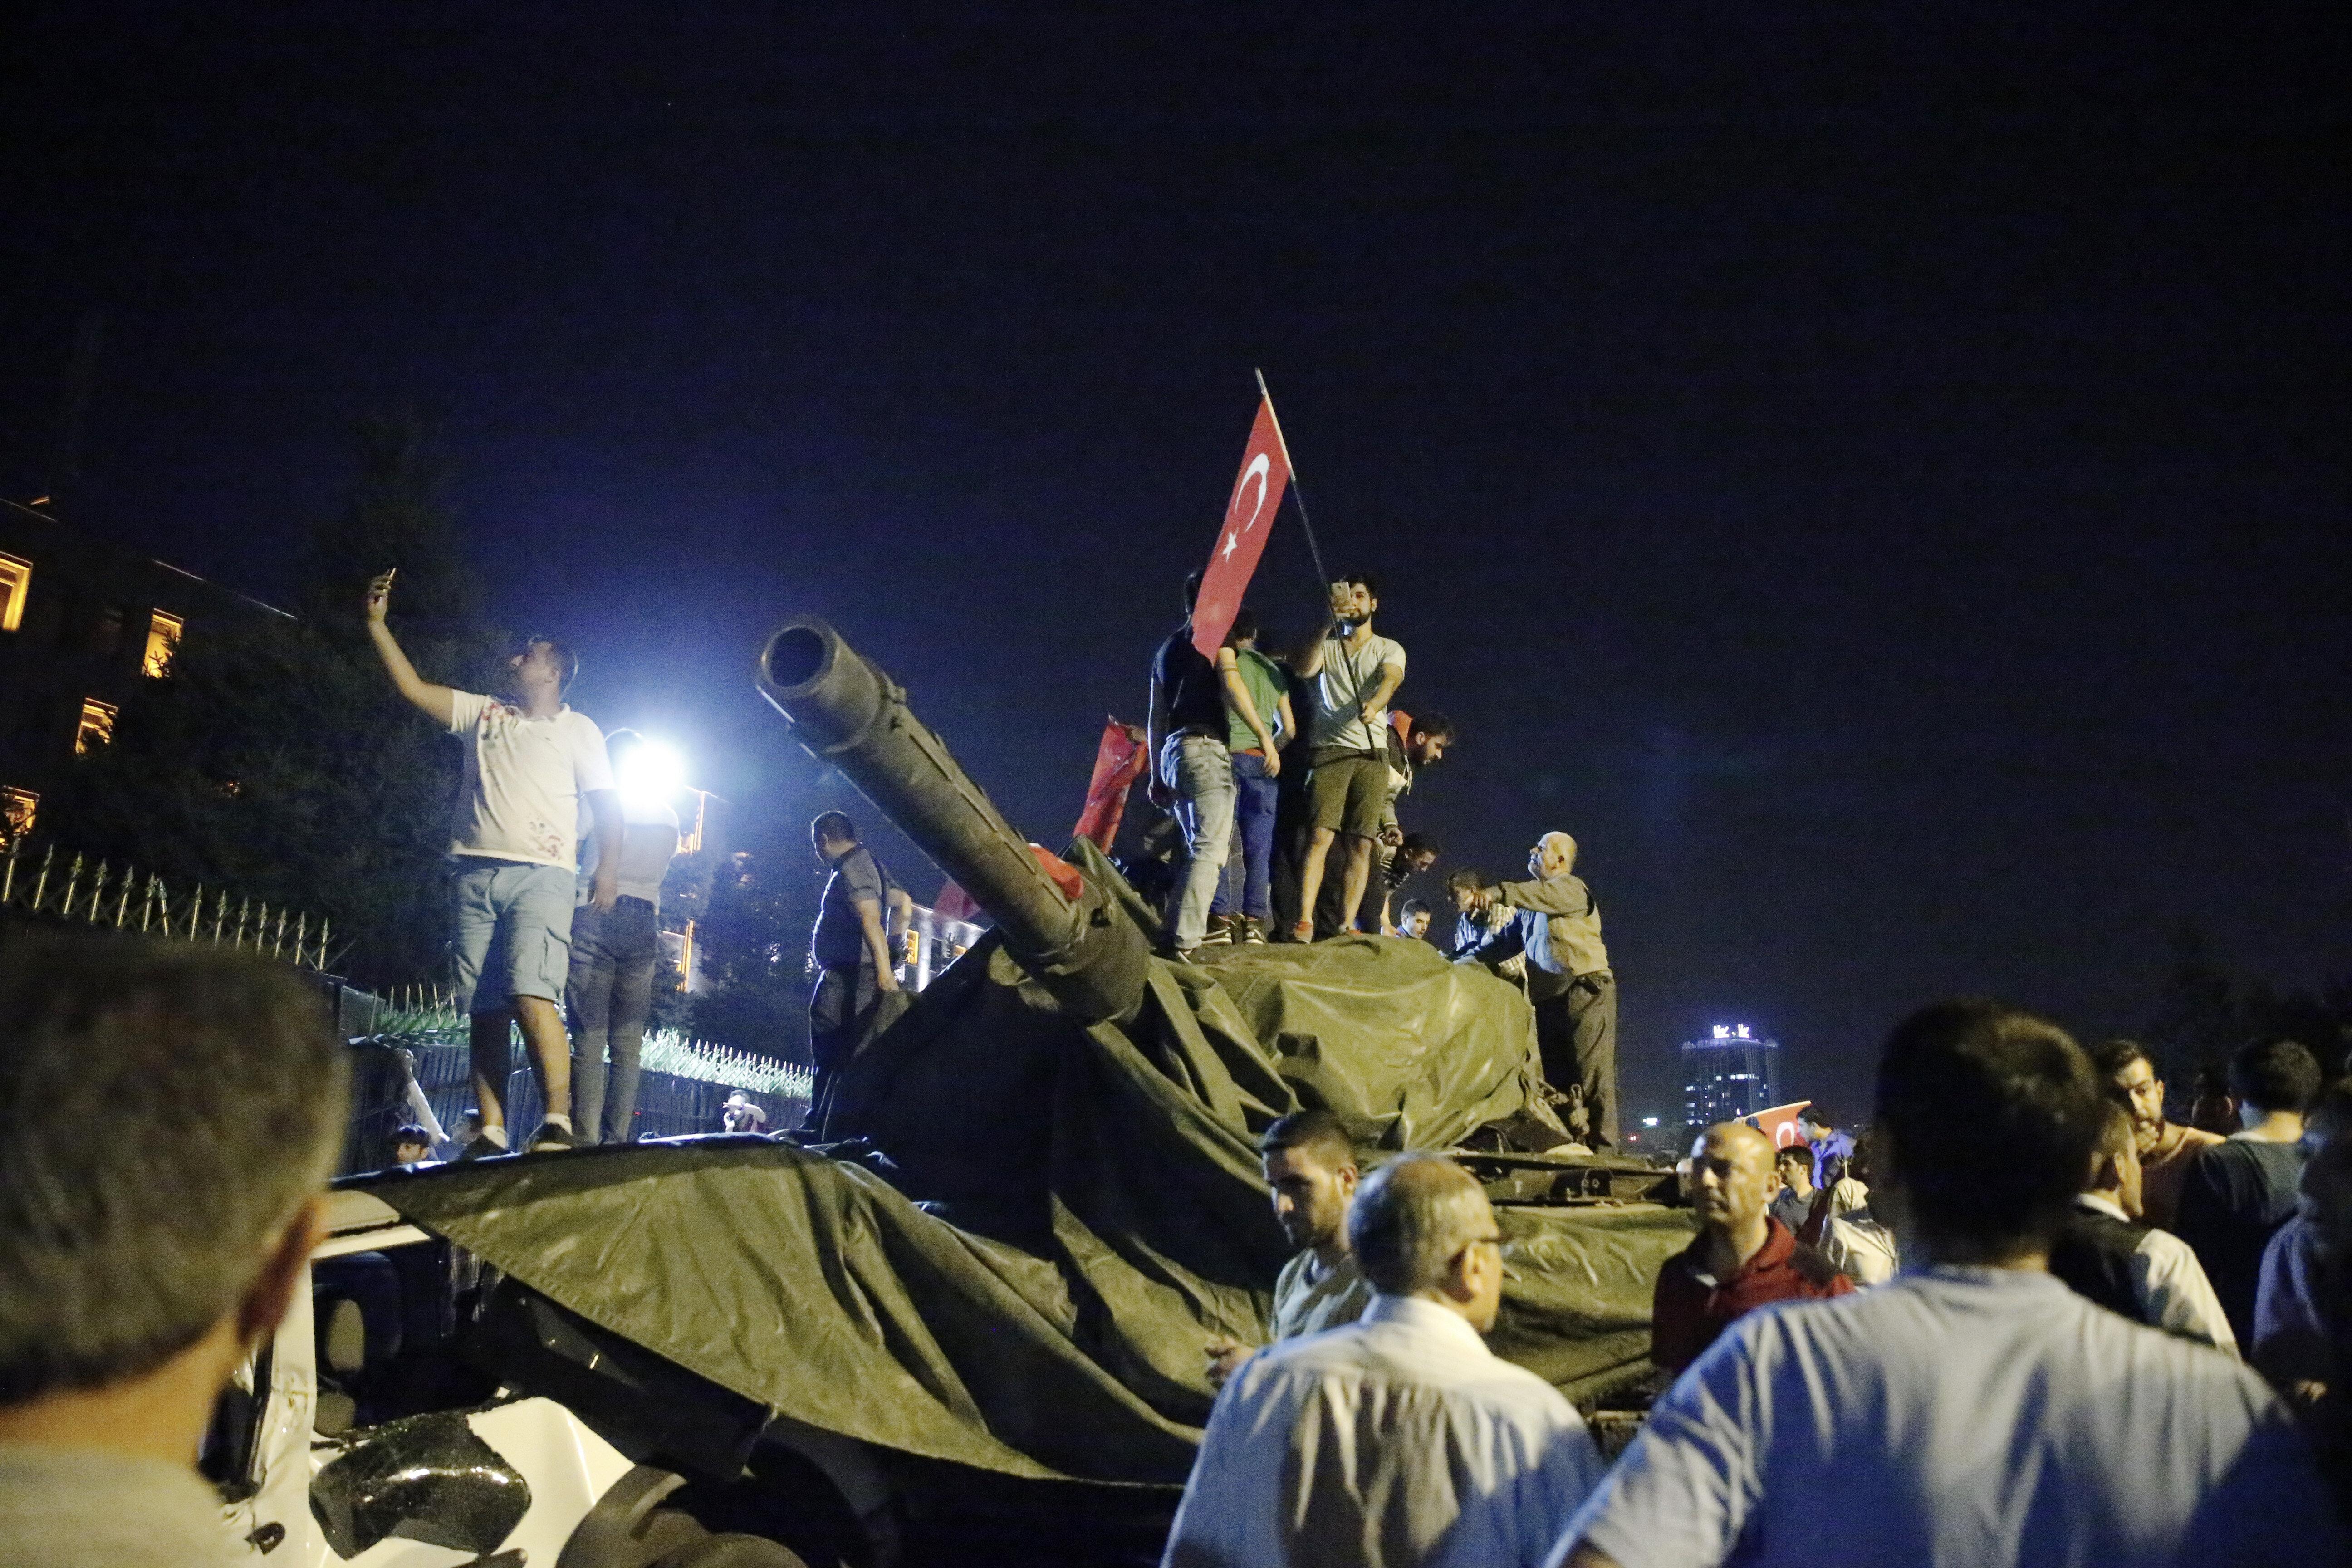 Sürekli hareket halinde bulunan tankların üzerinde katlanmış vaziyette bulunan brandaları alarak tankların üzerine örttü ve darbeci askerlerin görüş alanını kapattı. Böylece darbecilerin kontrolündeki tank etkisiz hale getirildi.